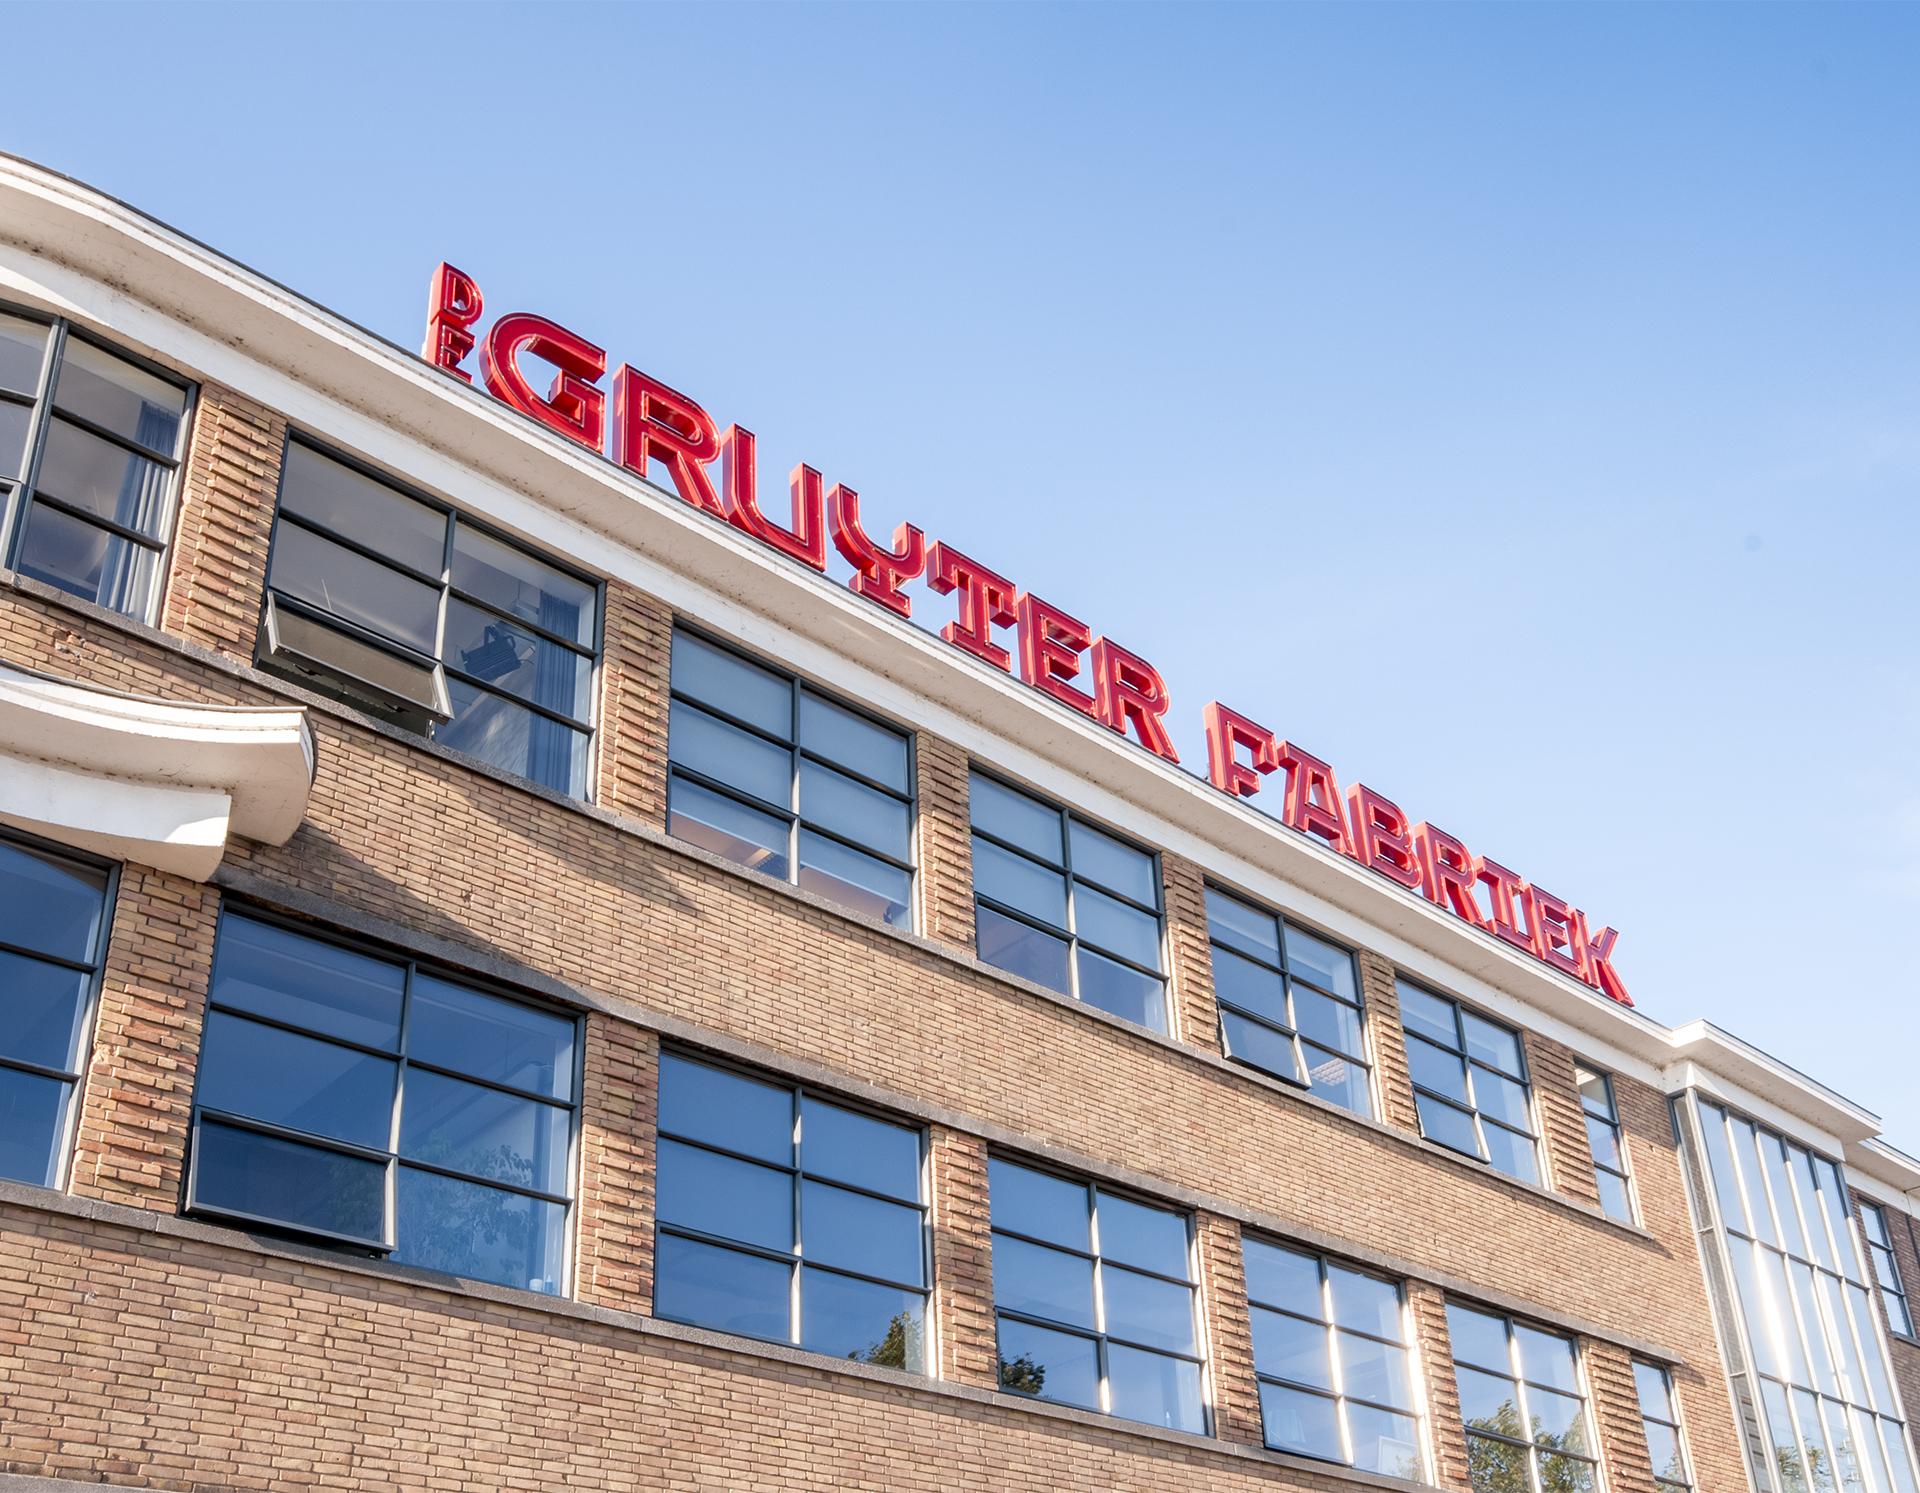 De Gruyter Fabriek